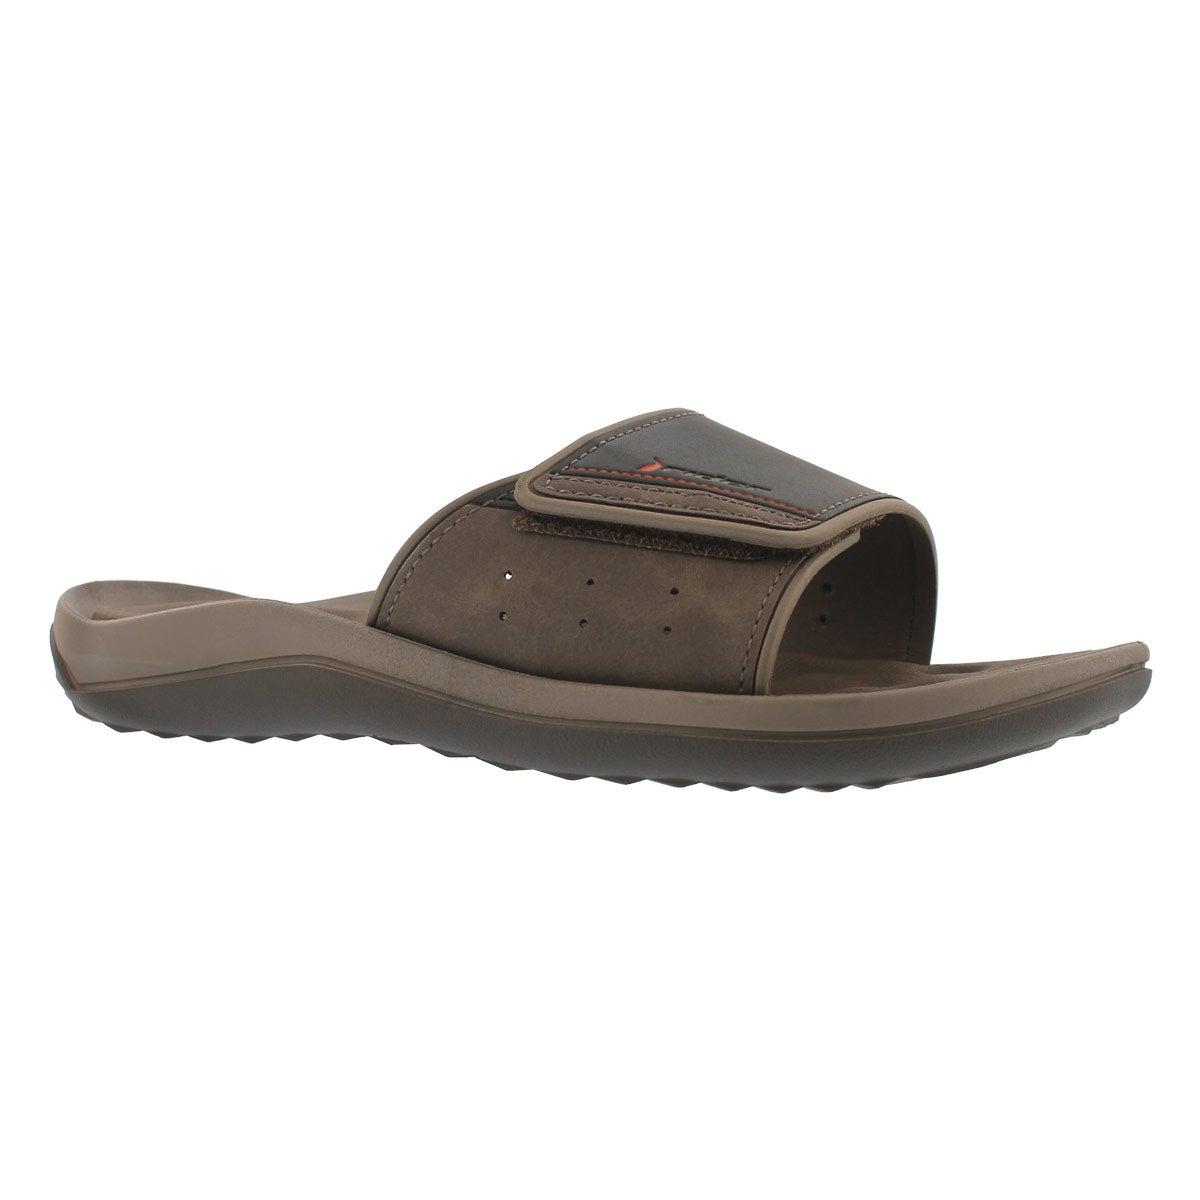 Mns Dunas Evolution brn/brn slide sandal